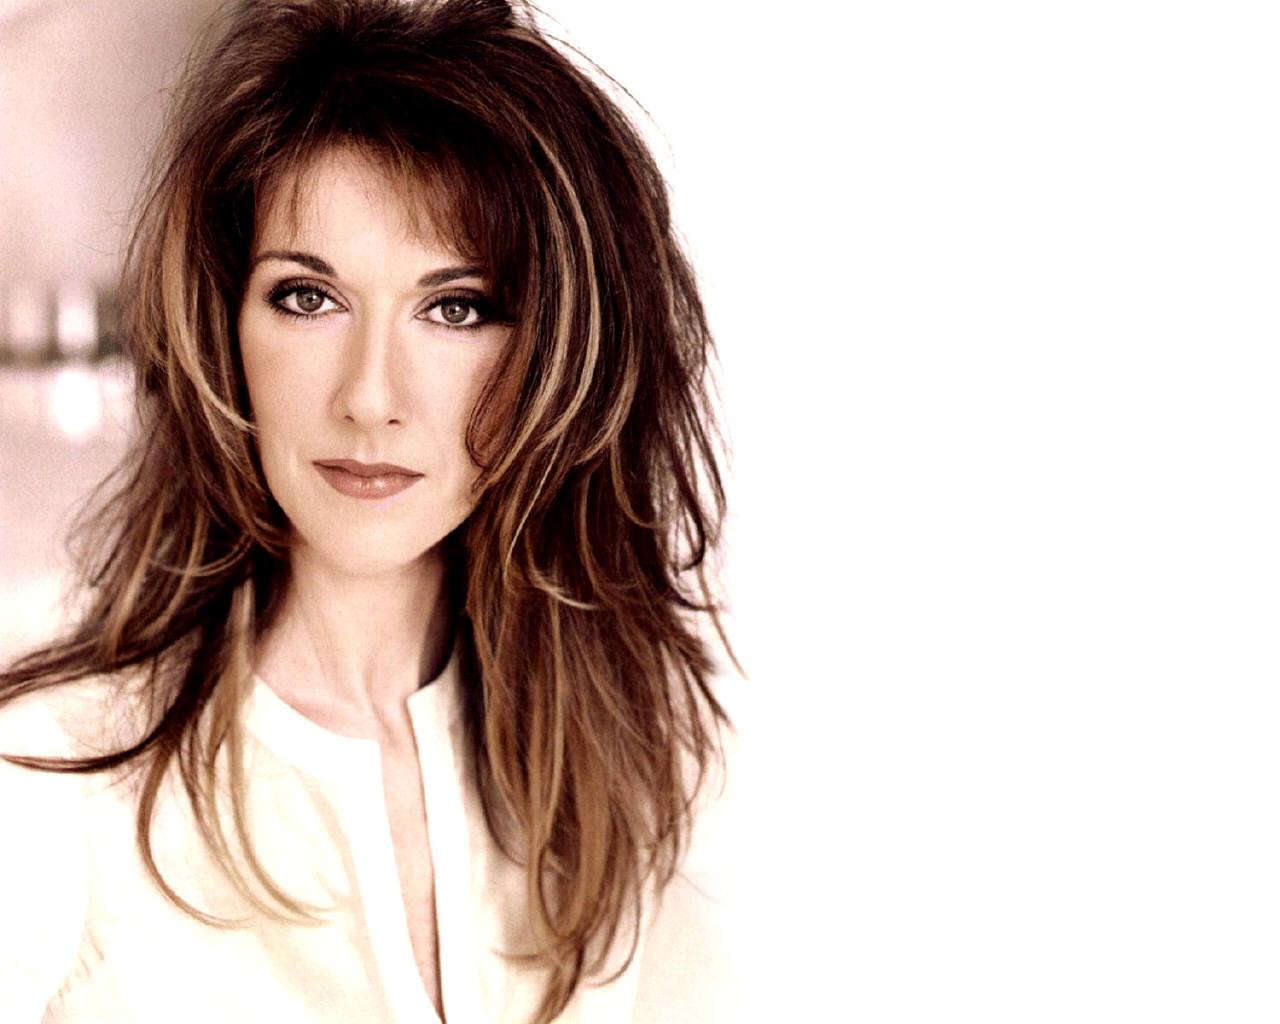 http://images.fanpop.com/images/image_uploads/Celine-Dion-celine-dion-131607_1280_1024.jpg